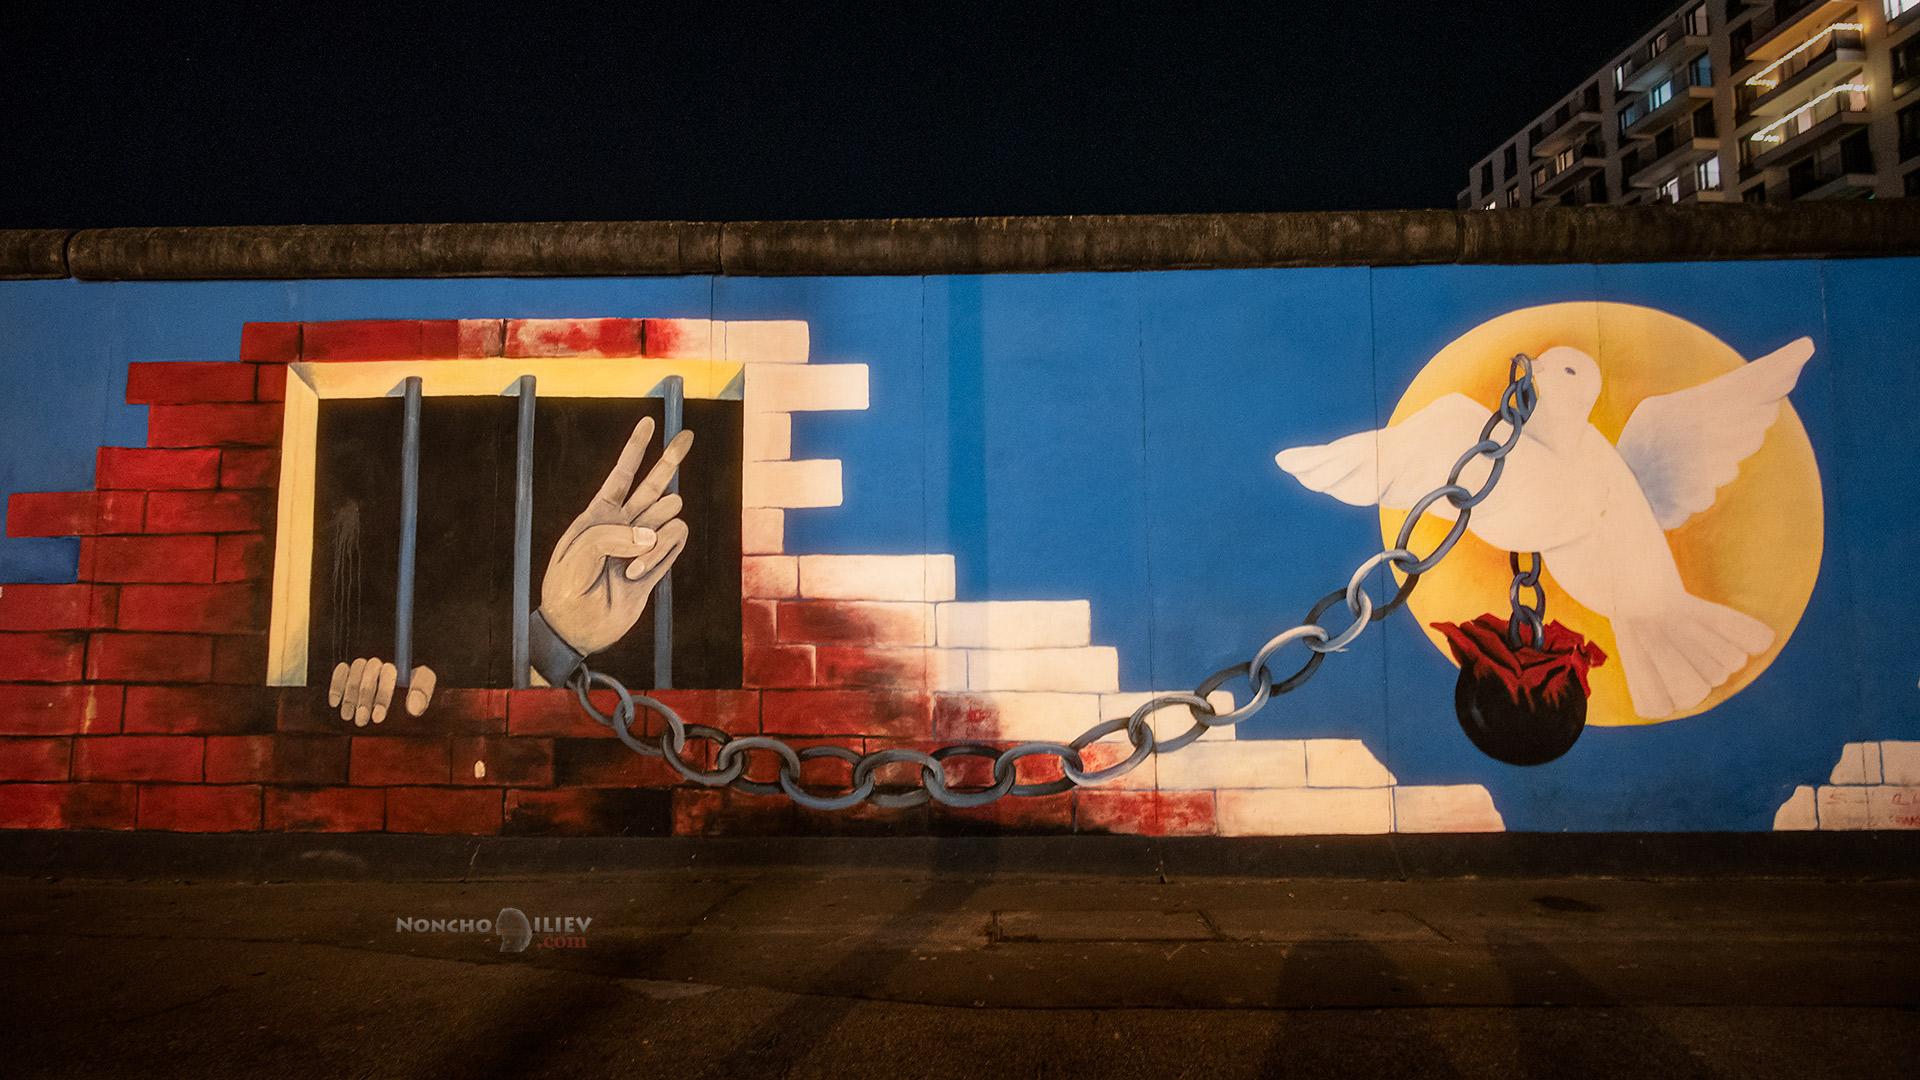 East Wall Gallery Berlin